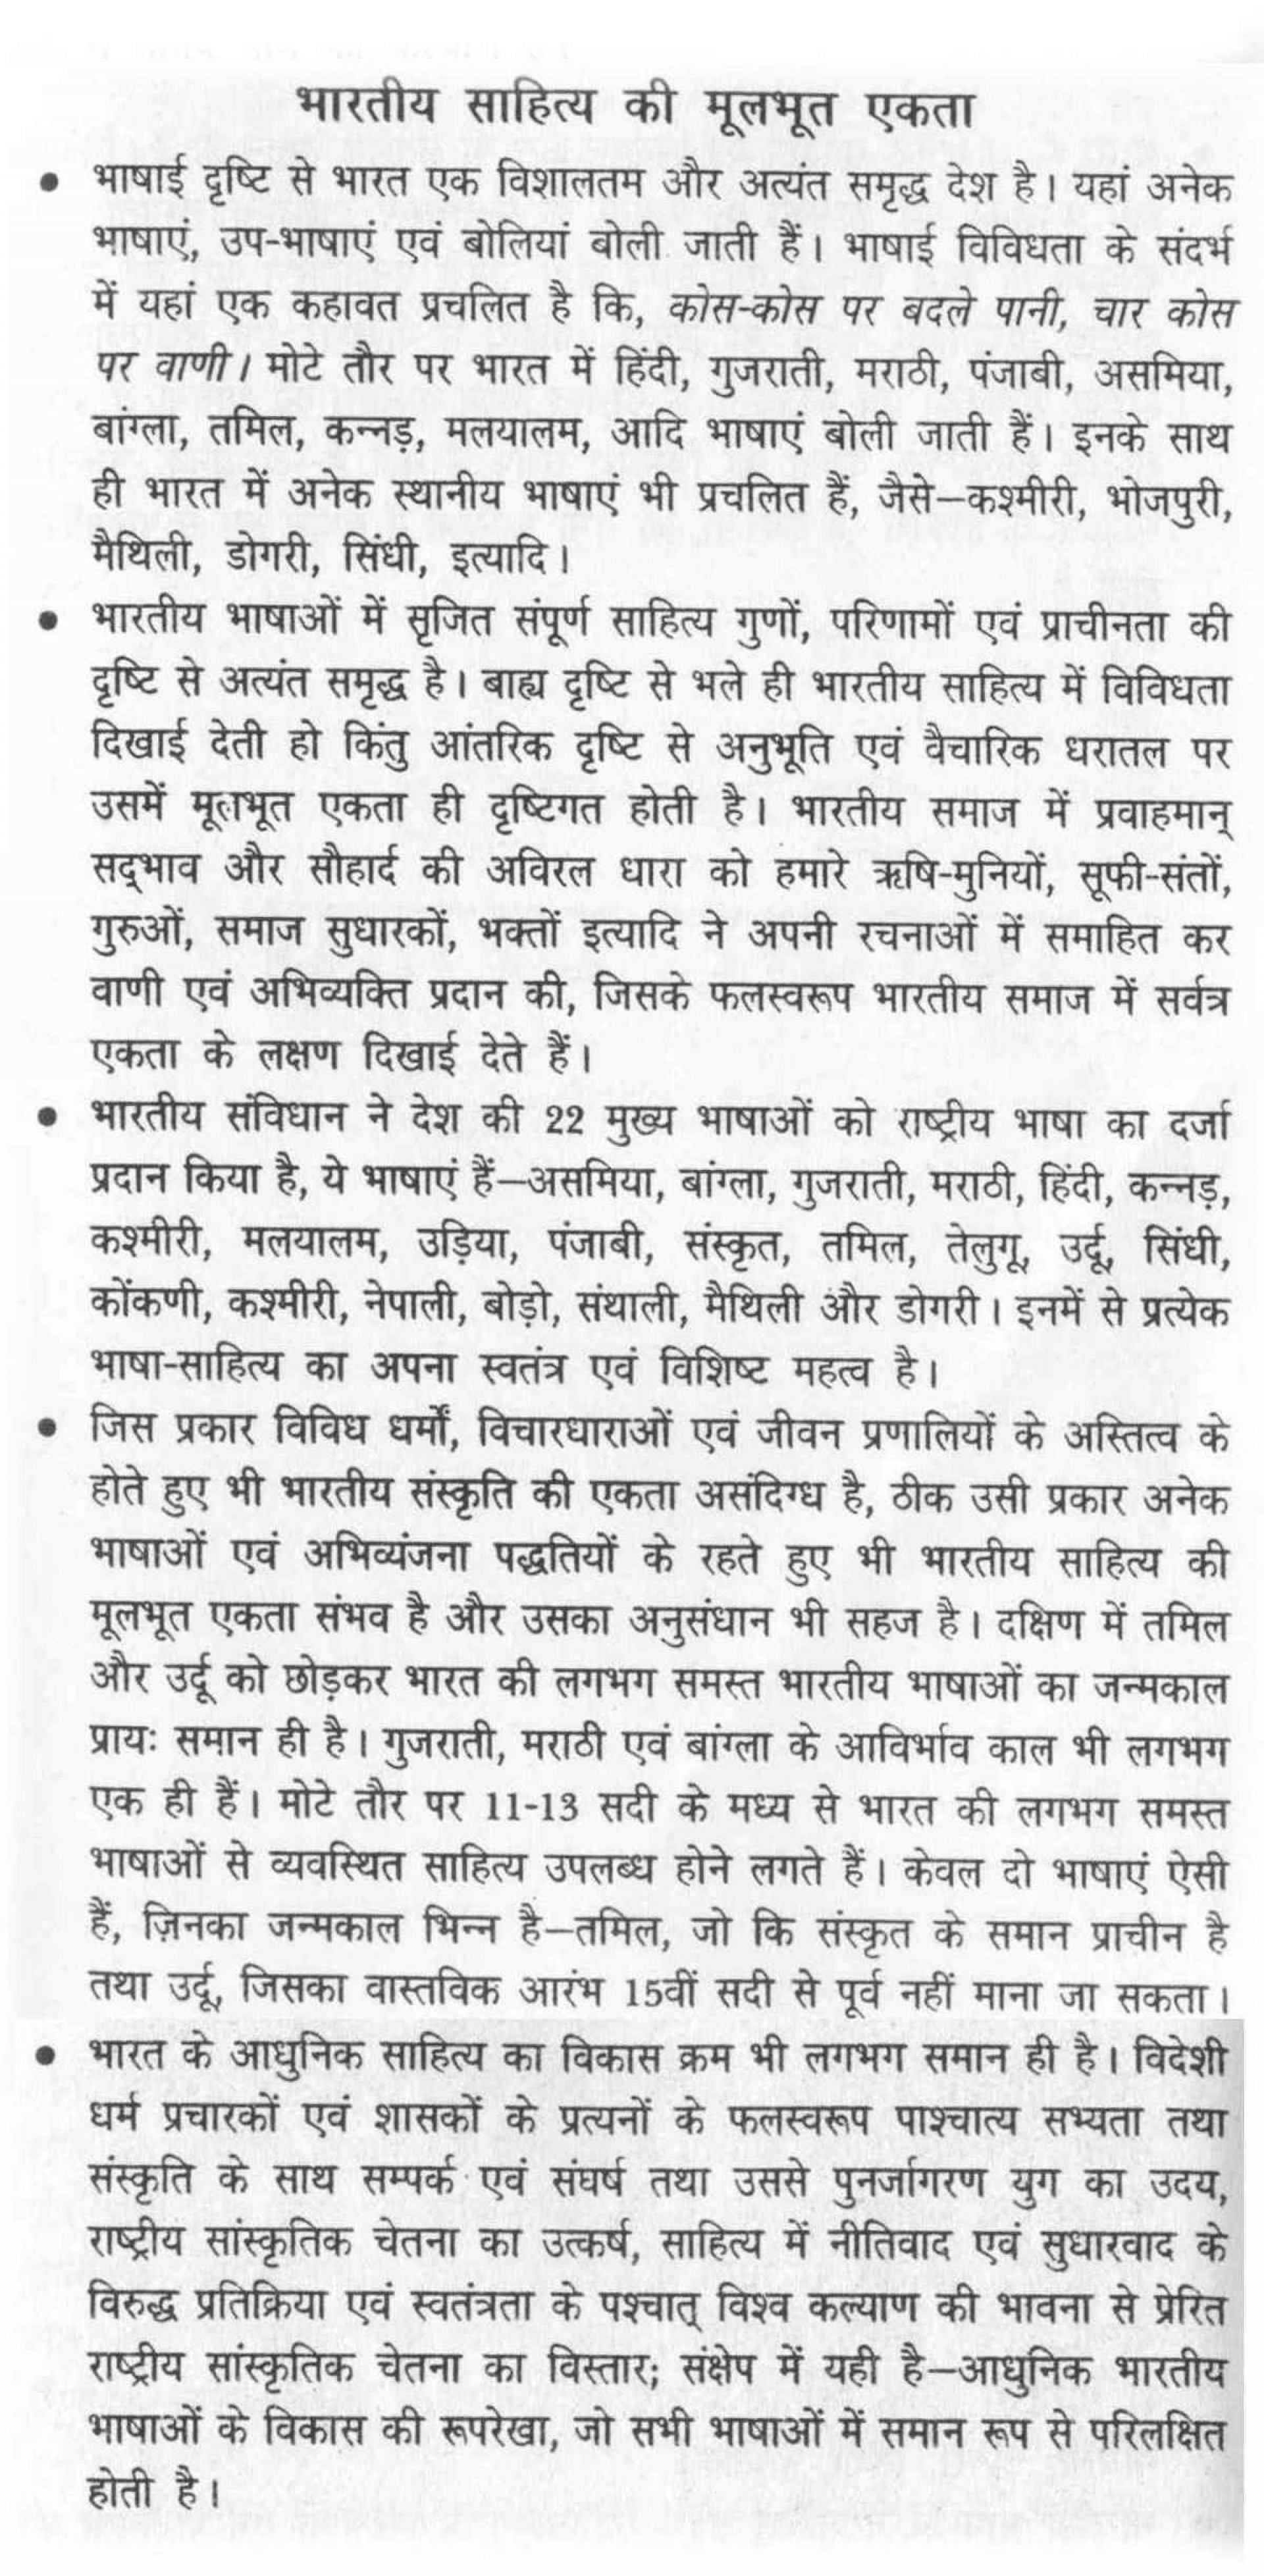 004 Greed Essay Example 11 Thumb2 Awful Greedy Dog In Hindi Is Good Bad 1920